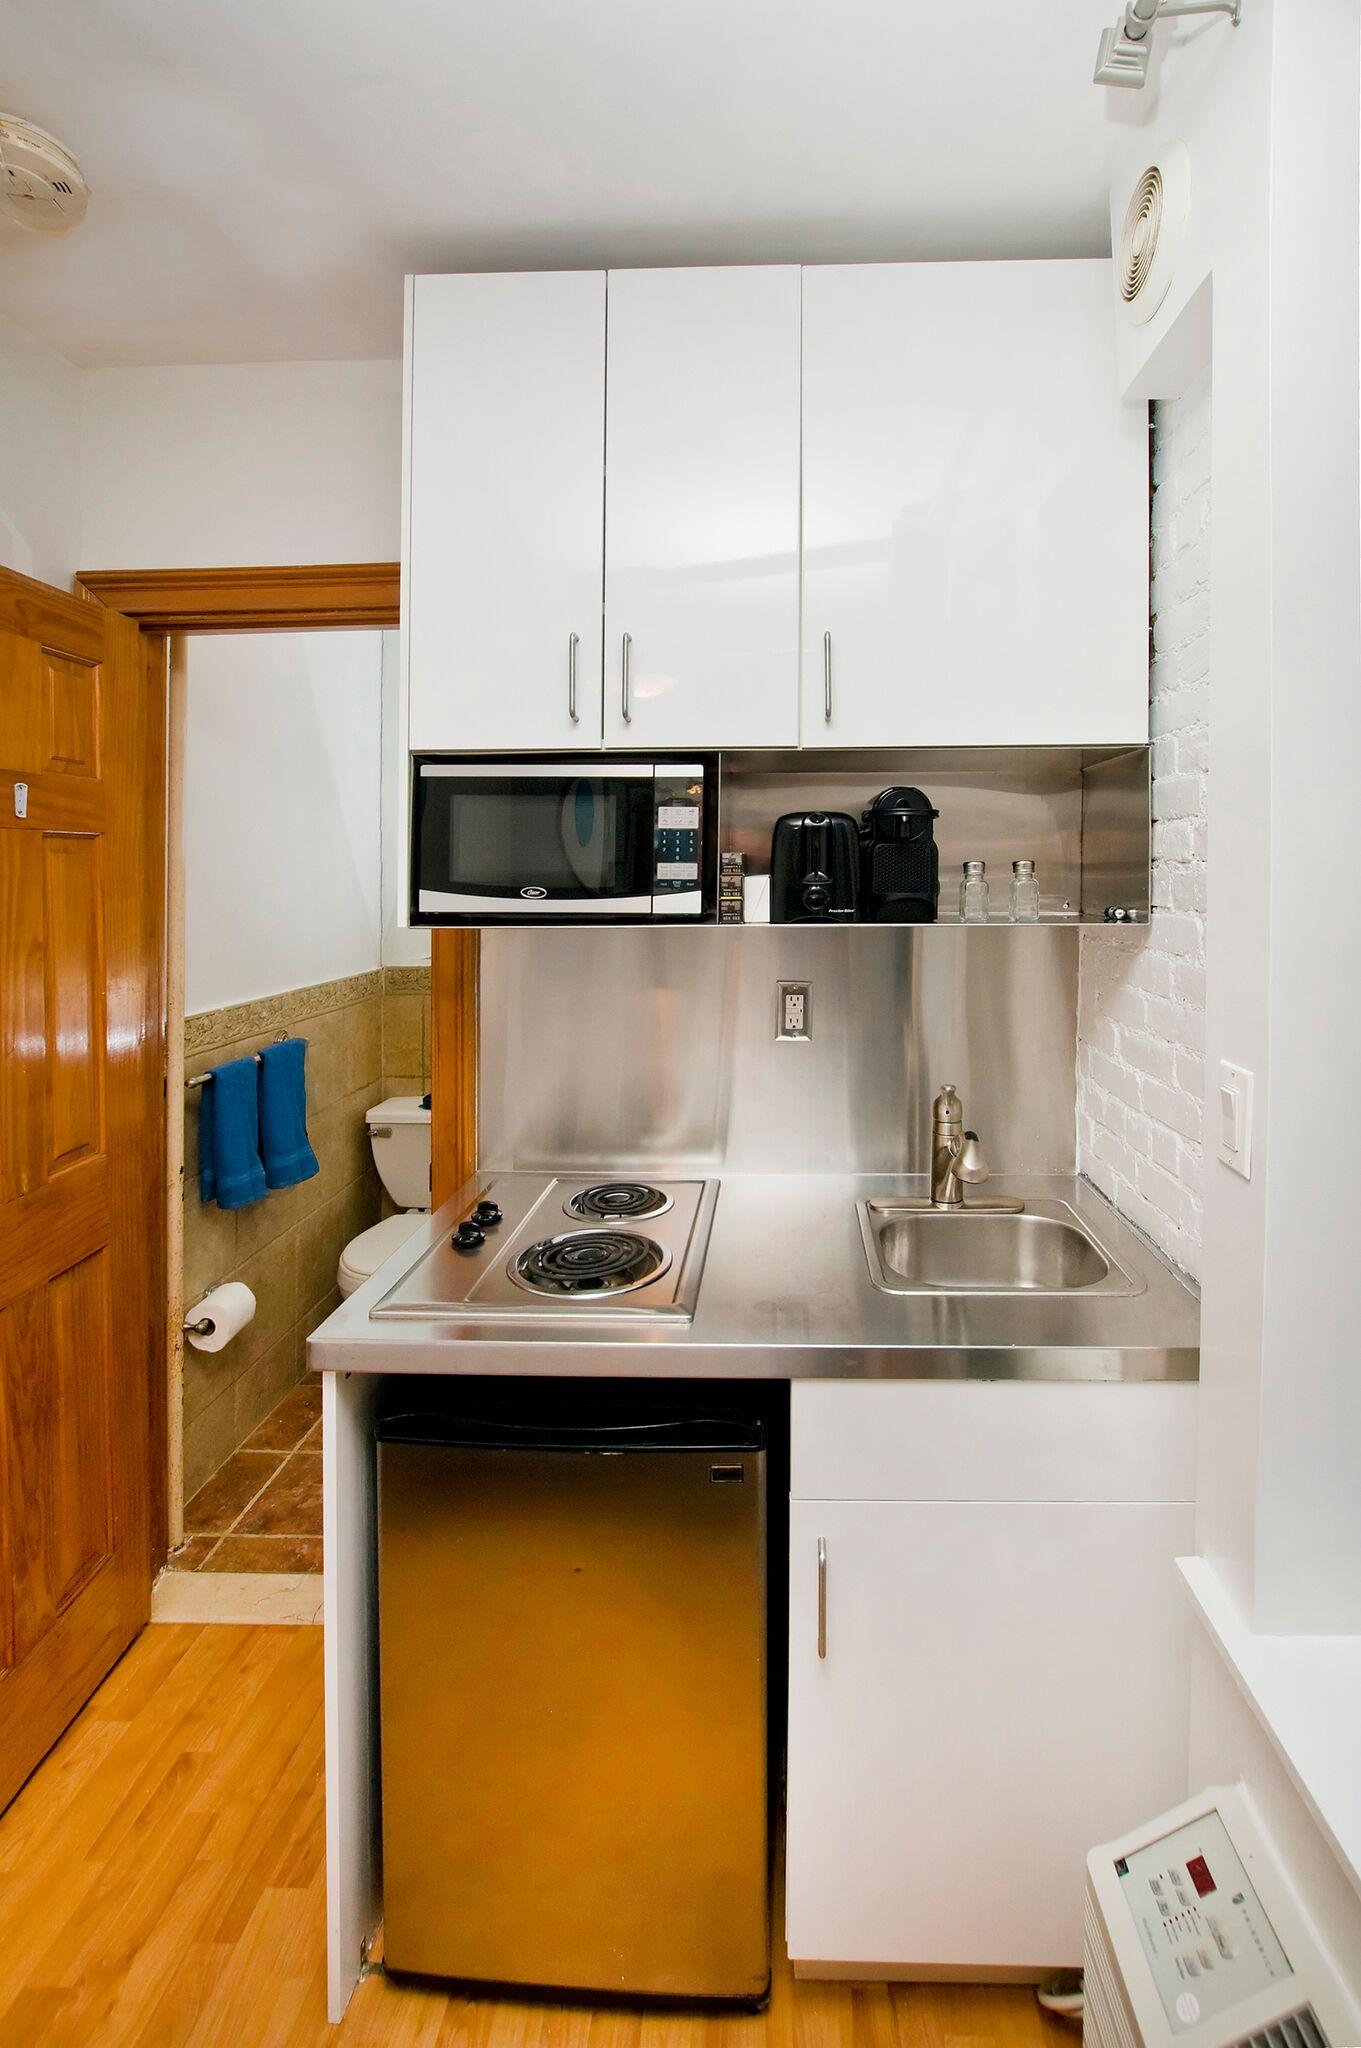 143 East 30th Street Kips Bay New York NY 10016